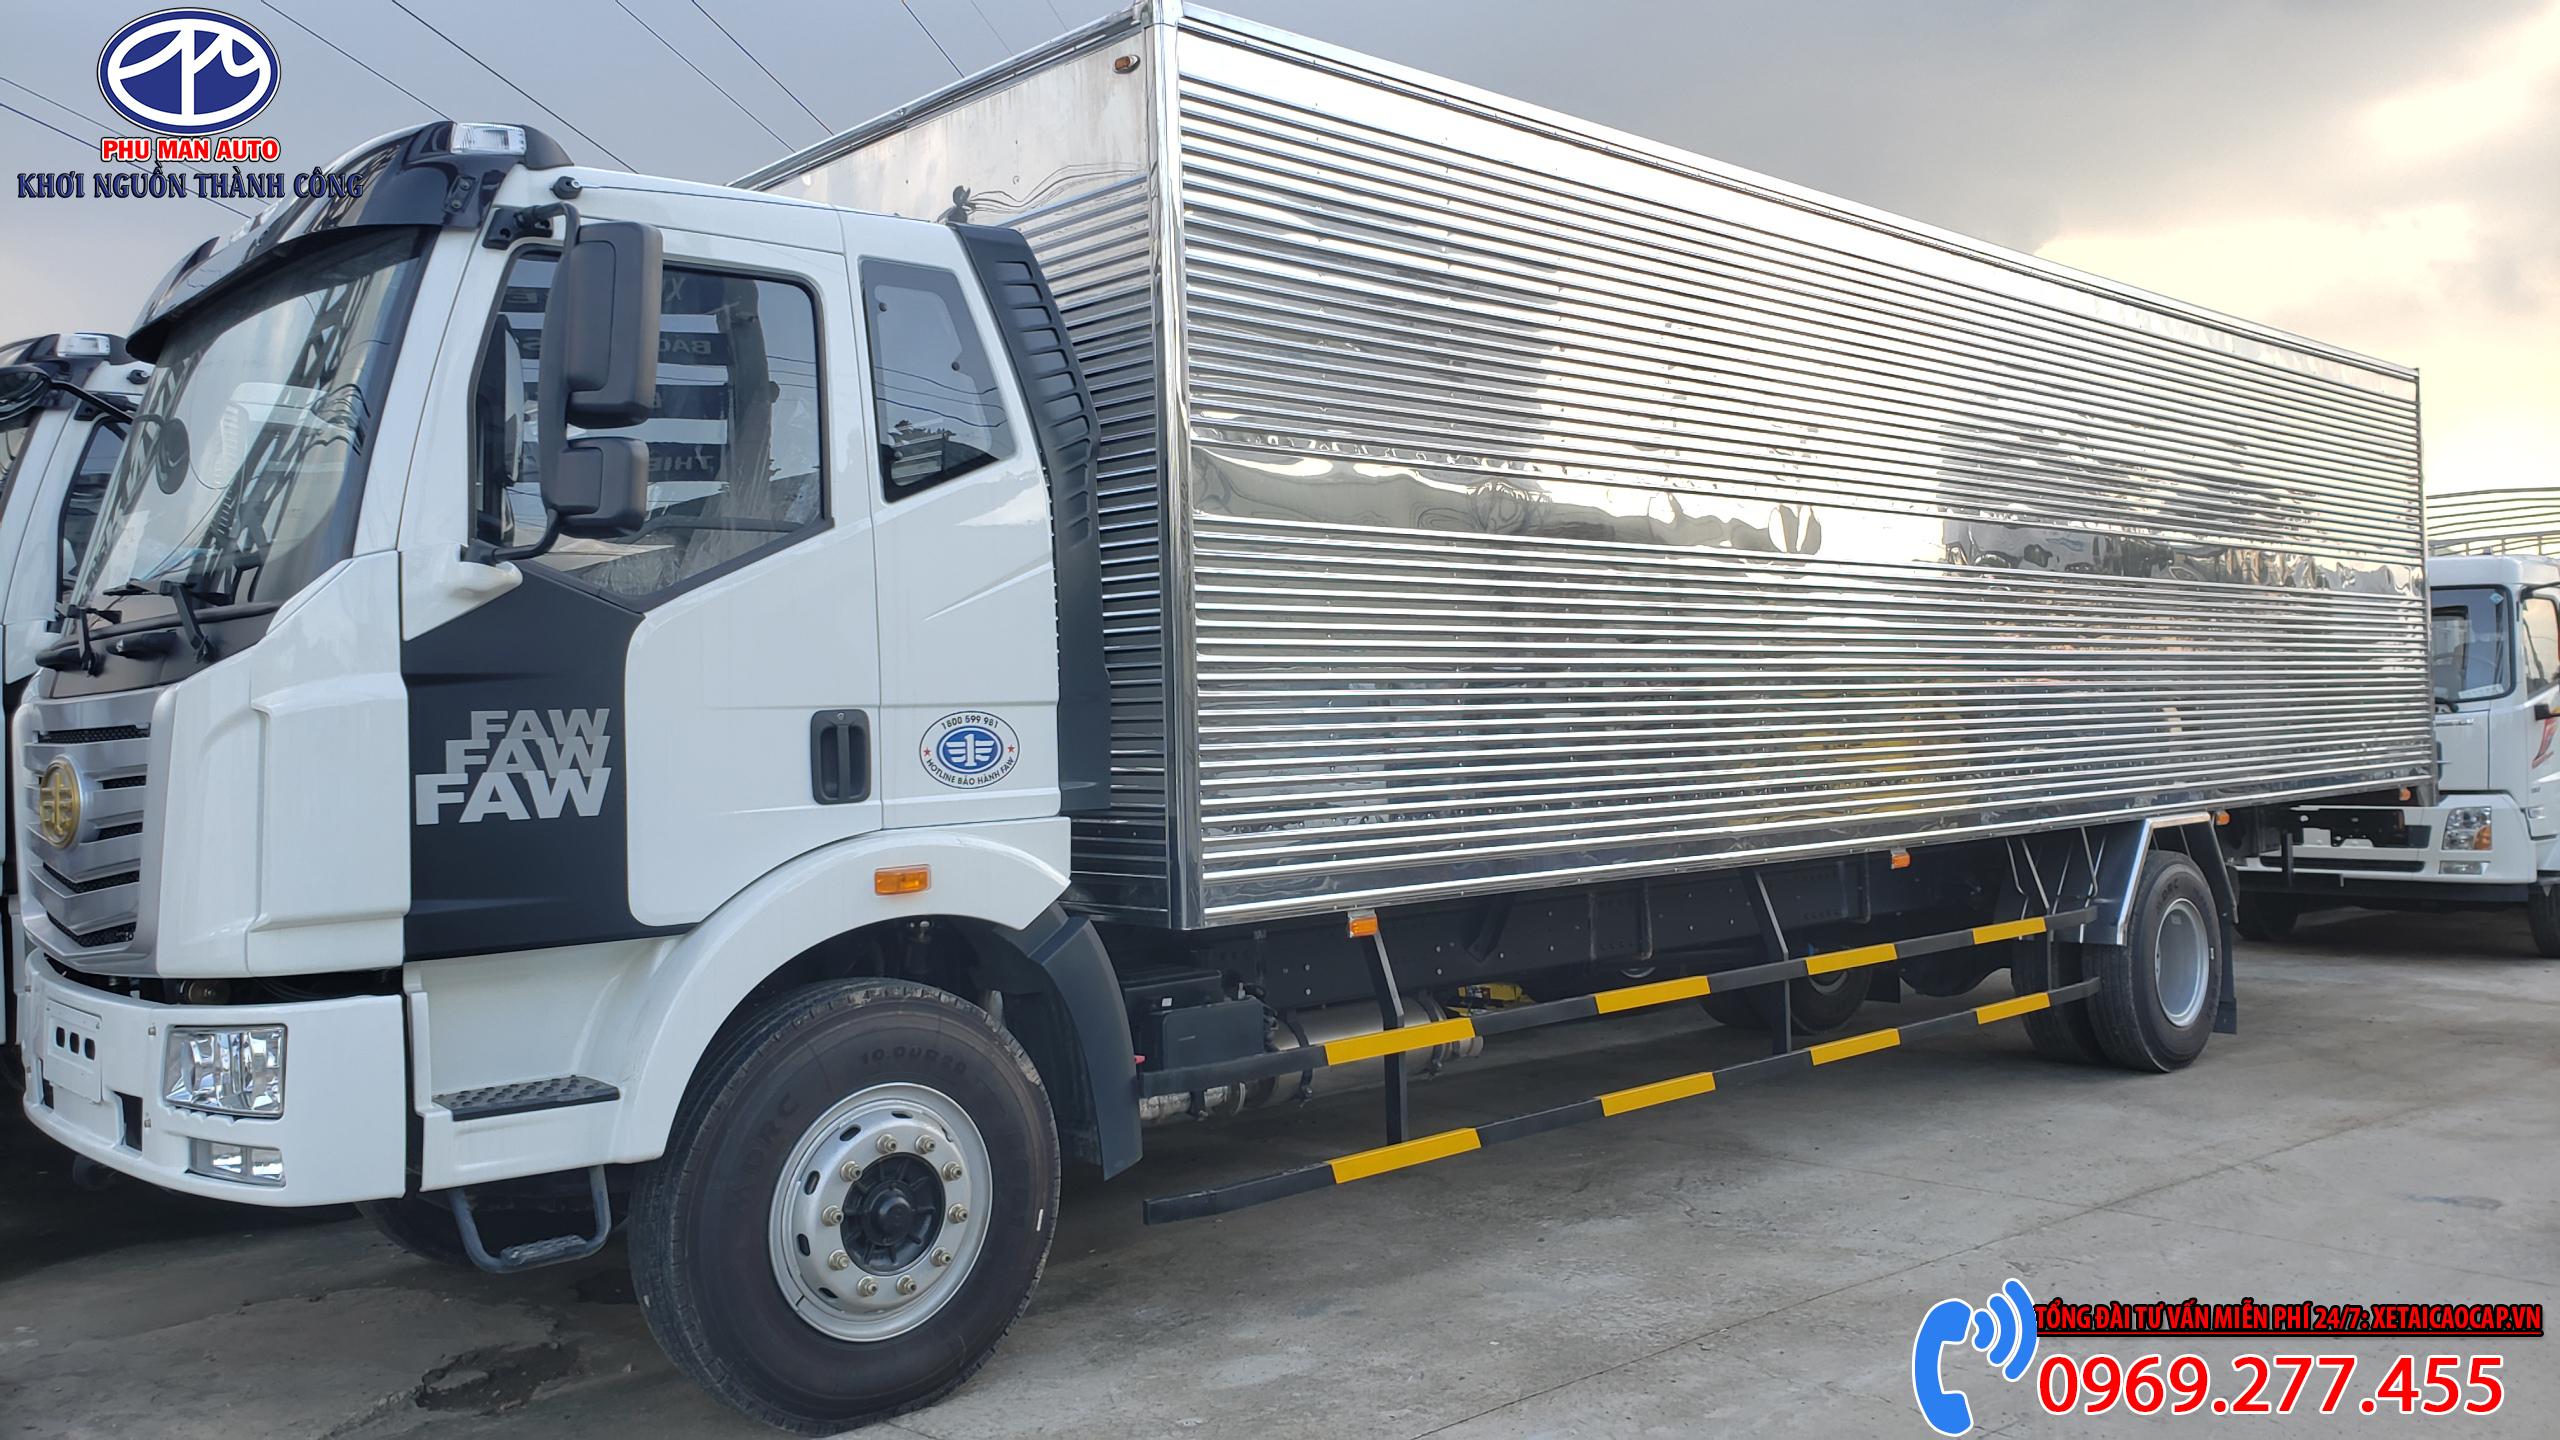 Faw thùng dài 10 mét - Phiên Bản Thùng Kín